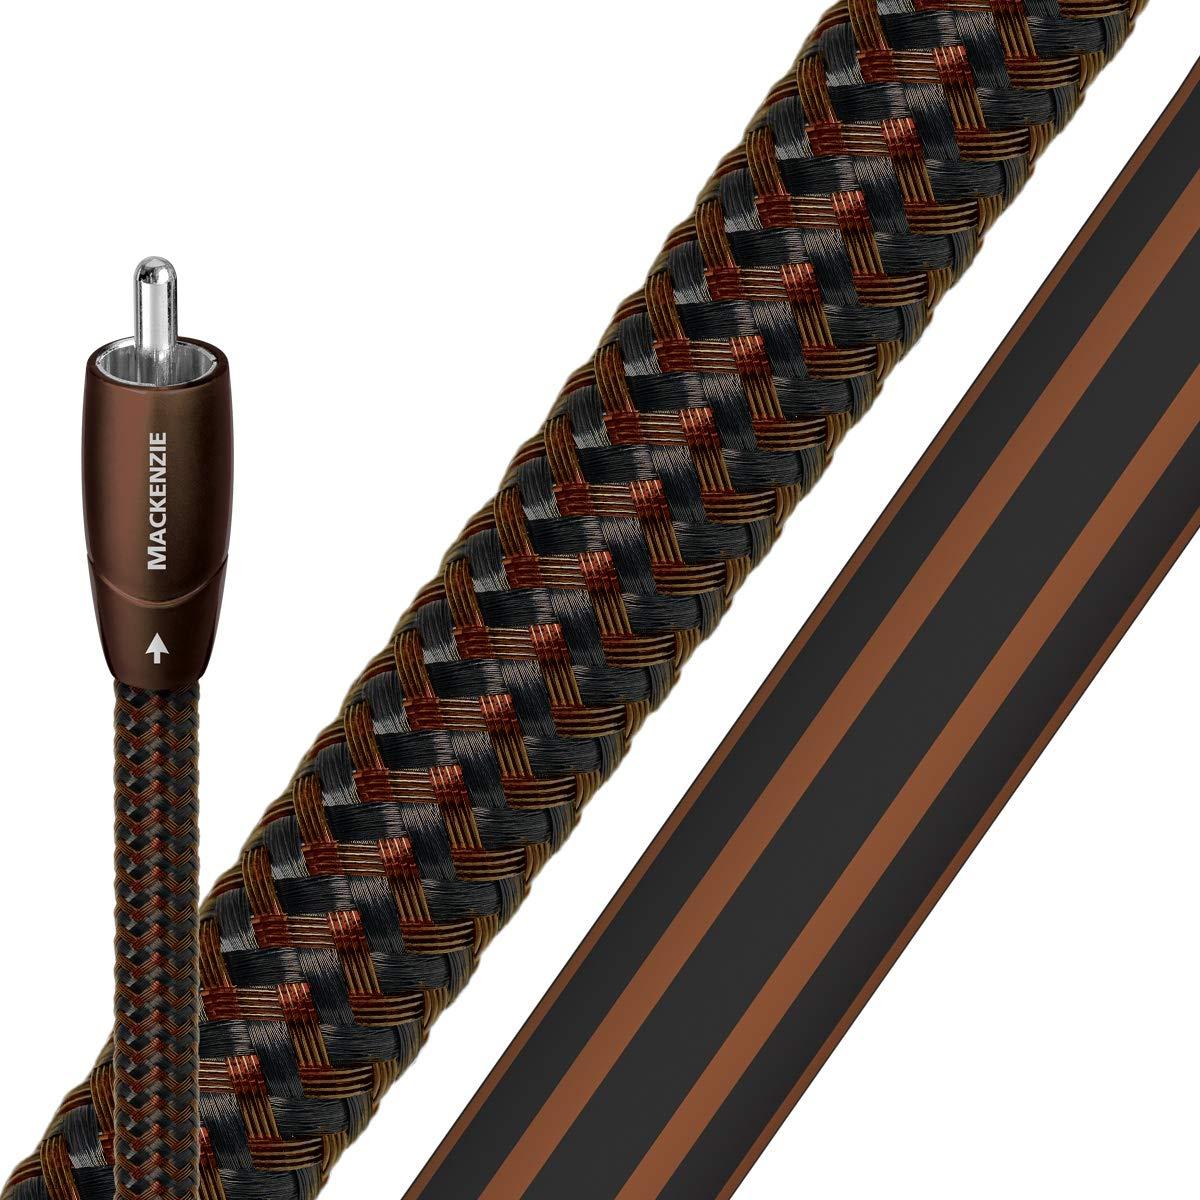 Audioquest Mackenzie Cinch Auf Cinch Kabel 6 M 2 Stück Gewerbe Industrie Wissenschaft